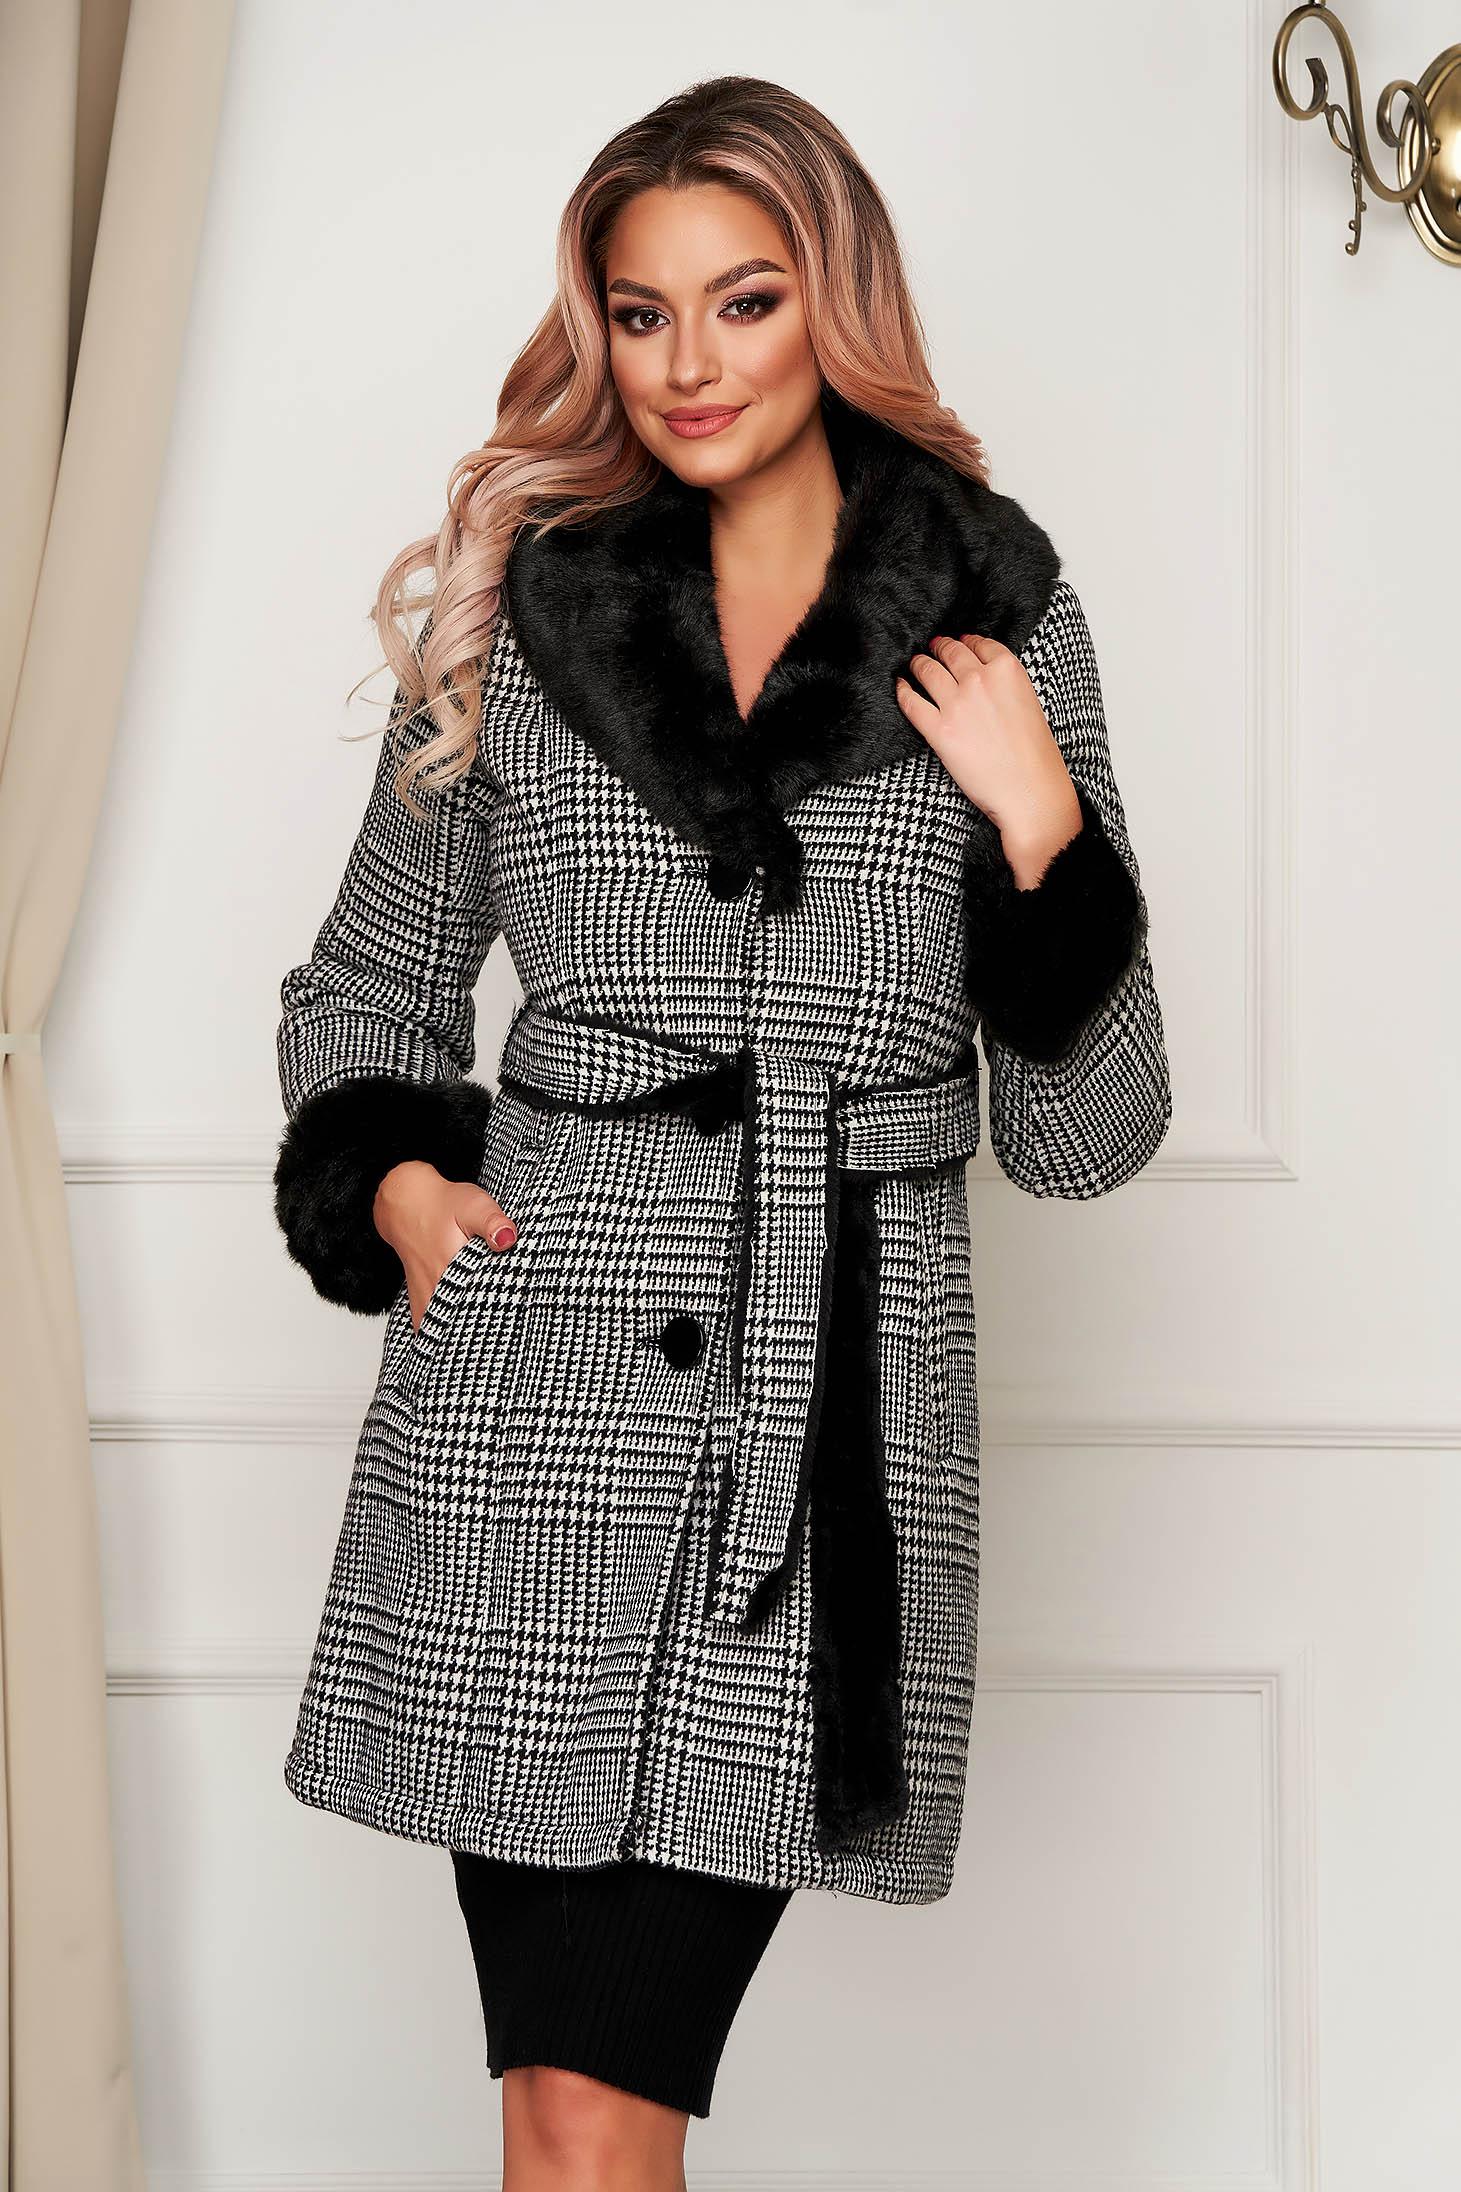 Fekete elegáns kockás anyagú karcsusított szabású kabát gyapjúból bundabélessel ellátva